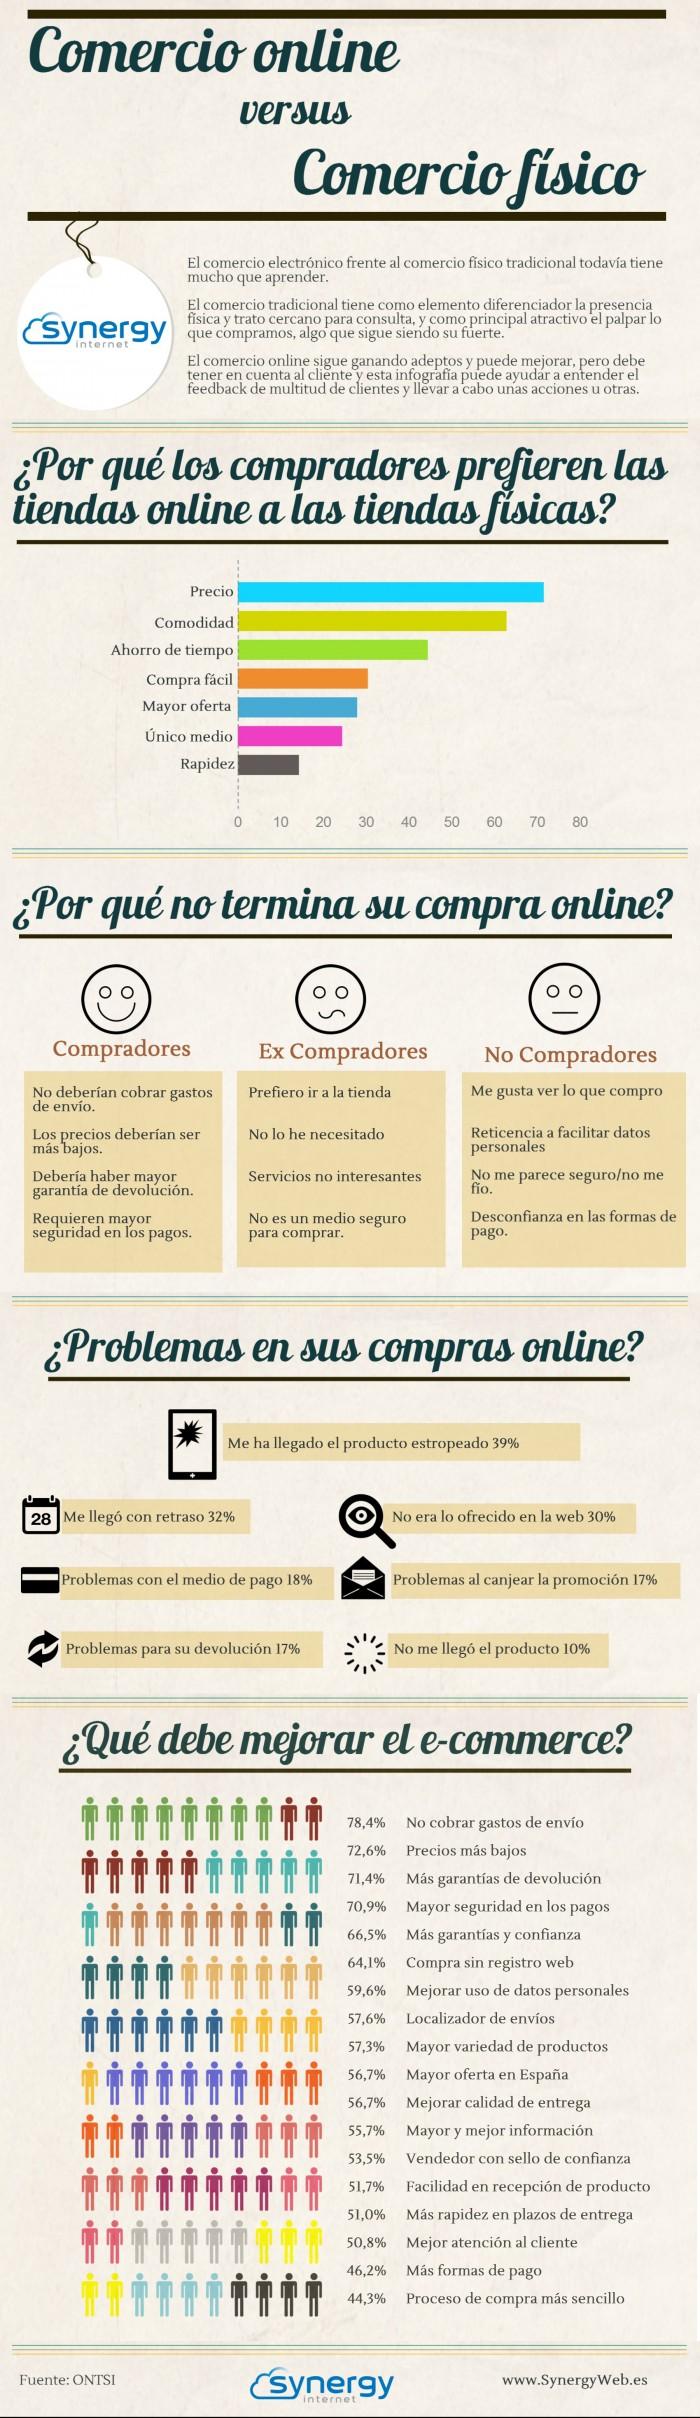 infografía comercio online vs comercio físico